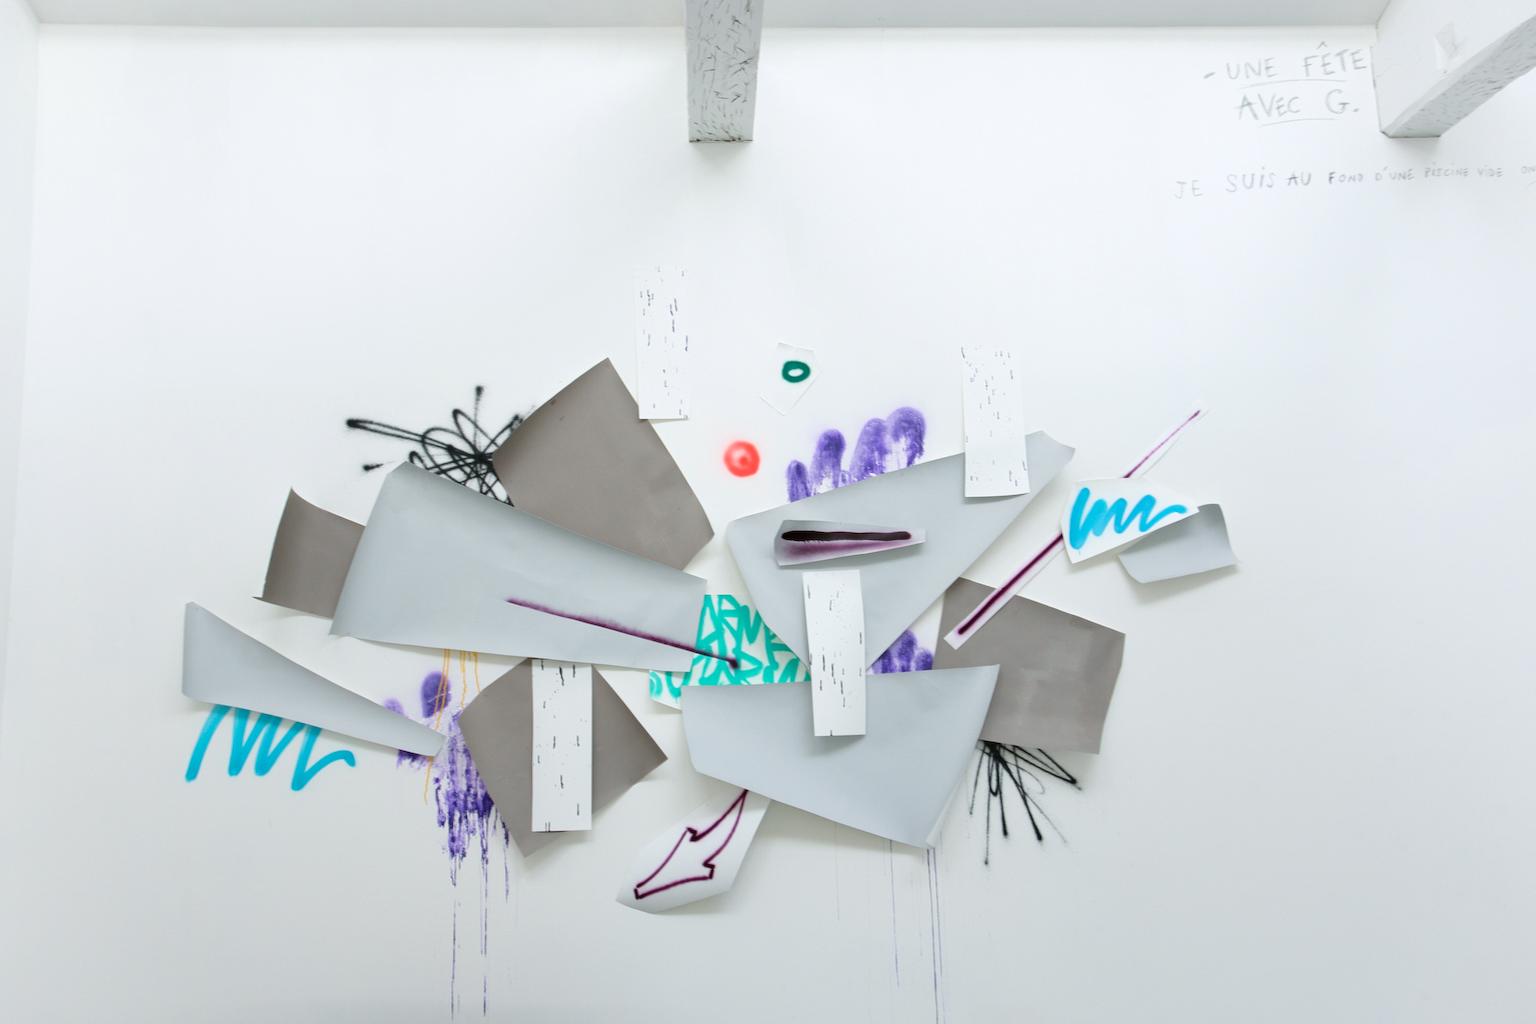 Installation de Guillaume Mathivet Texte de Guillaume Sauzay (en haut à droite de l'image) Exposition IMMERSION au CACL - mai 2015